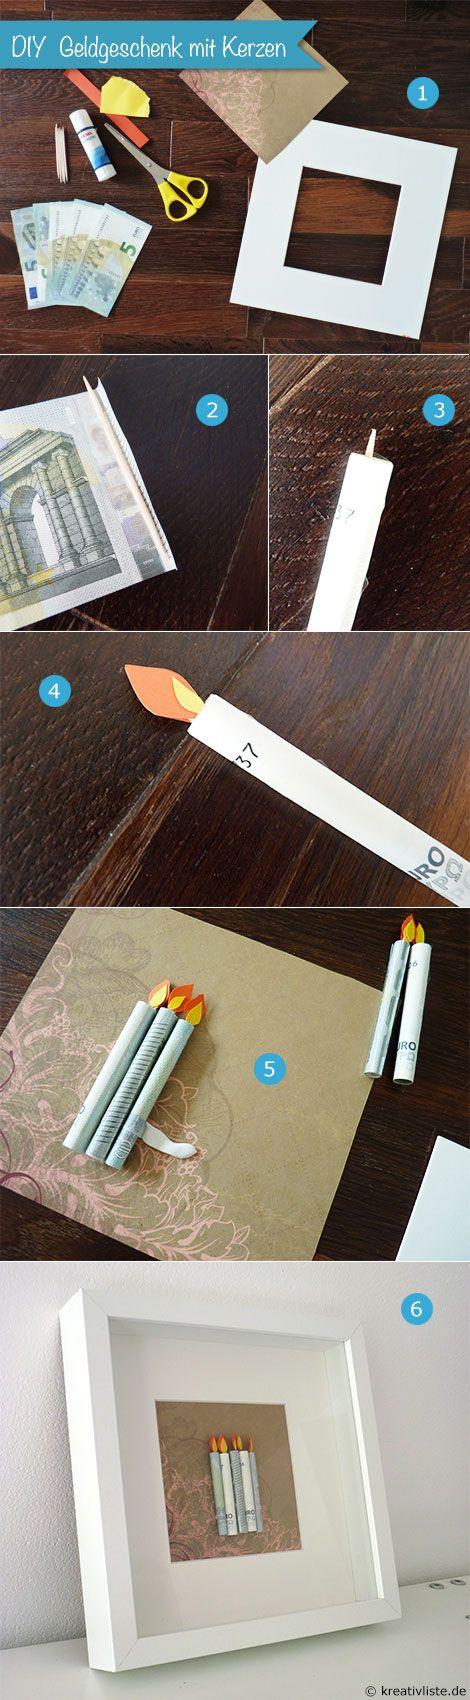 Geld... Weihnachten und Advent... aufgerollte Scheine ergeben tolle Kerzen, die auf Papier geklebt werden.